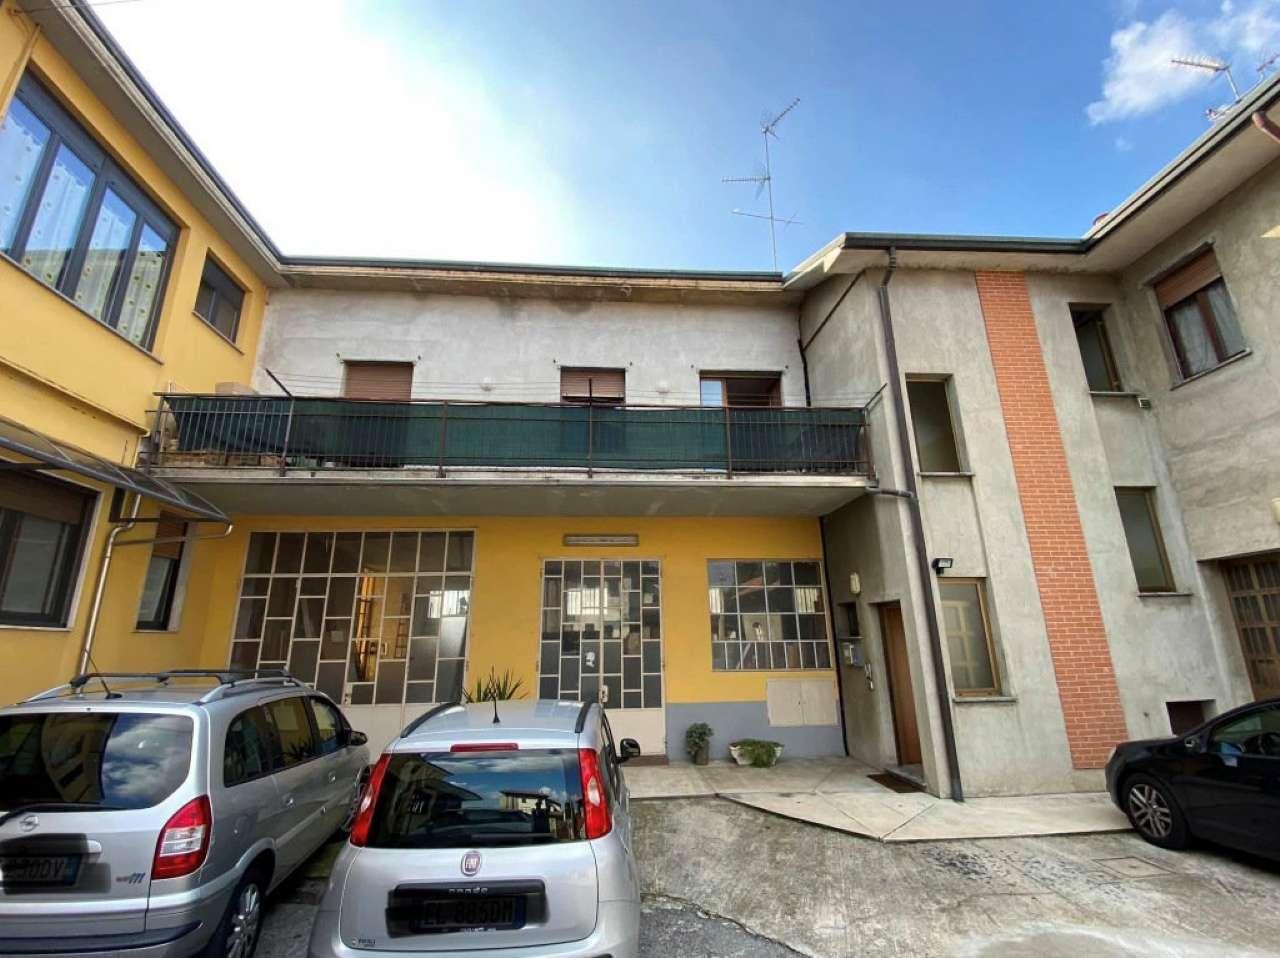 Appartamento in vendita a Seveso, 4 locali, prezzo € 125.000 | PortaleAgenzieImmobiliari.it